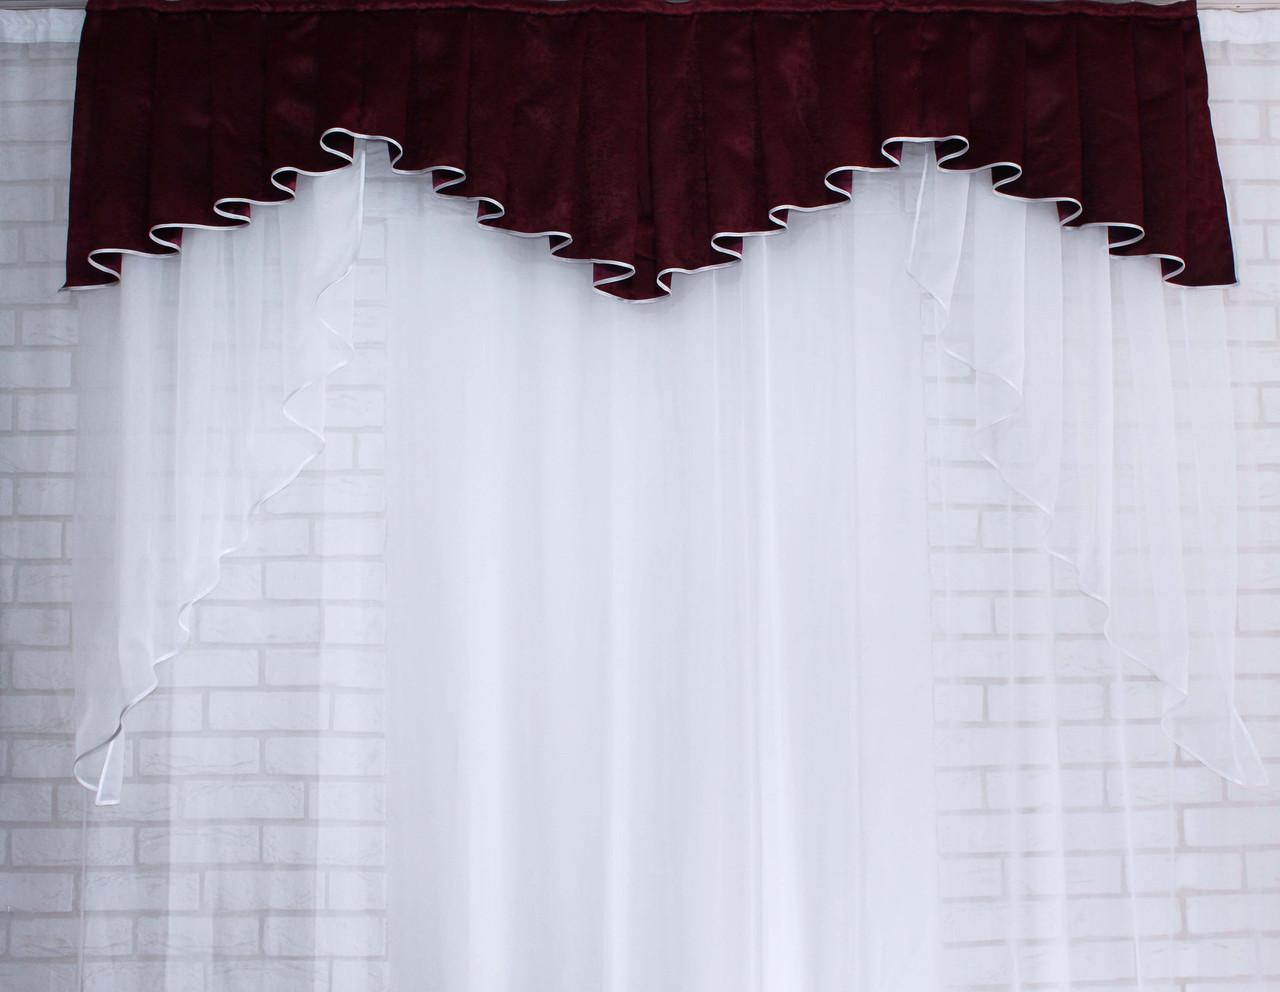 Ламбрекен из плотной ткани №108 Цвет бордовый. Код:108л130